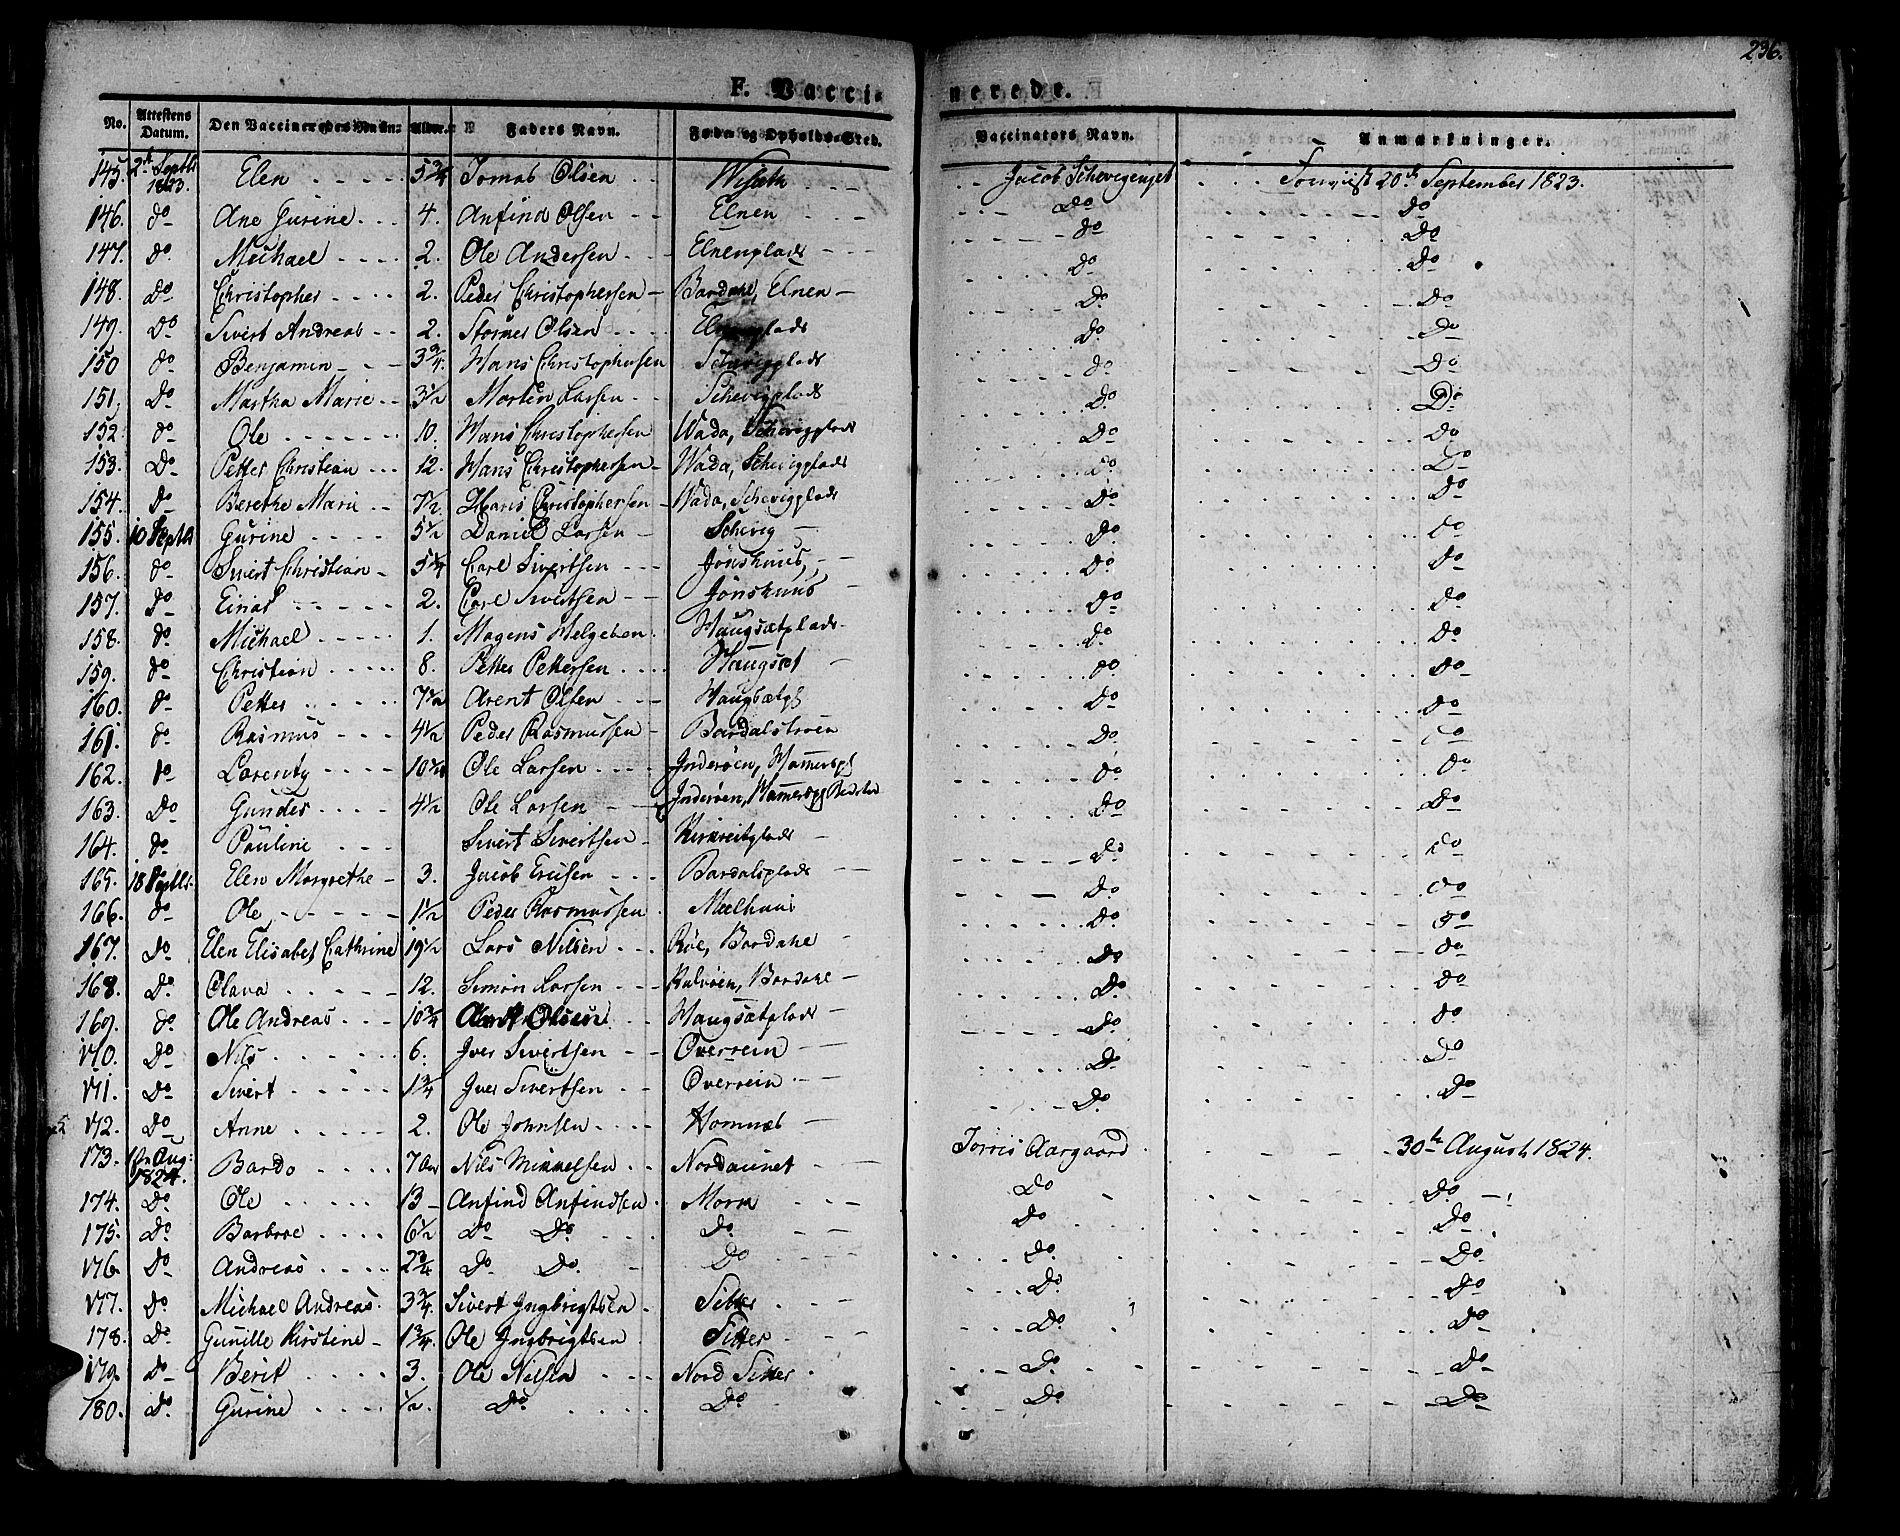 SAT, Ministerialprotokoller, klokkerbøker og fødselsregistre - Nord-Trøndelag, 741/L0390: Ministerialbok nr. 741A04, 1822-1836, s. 236